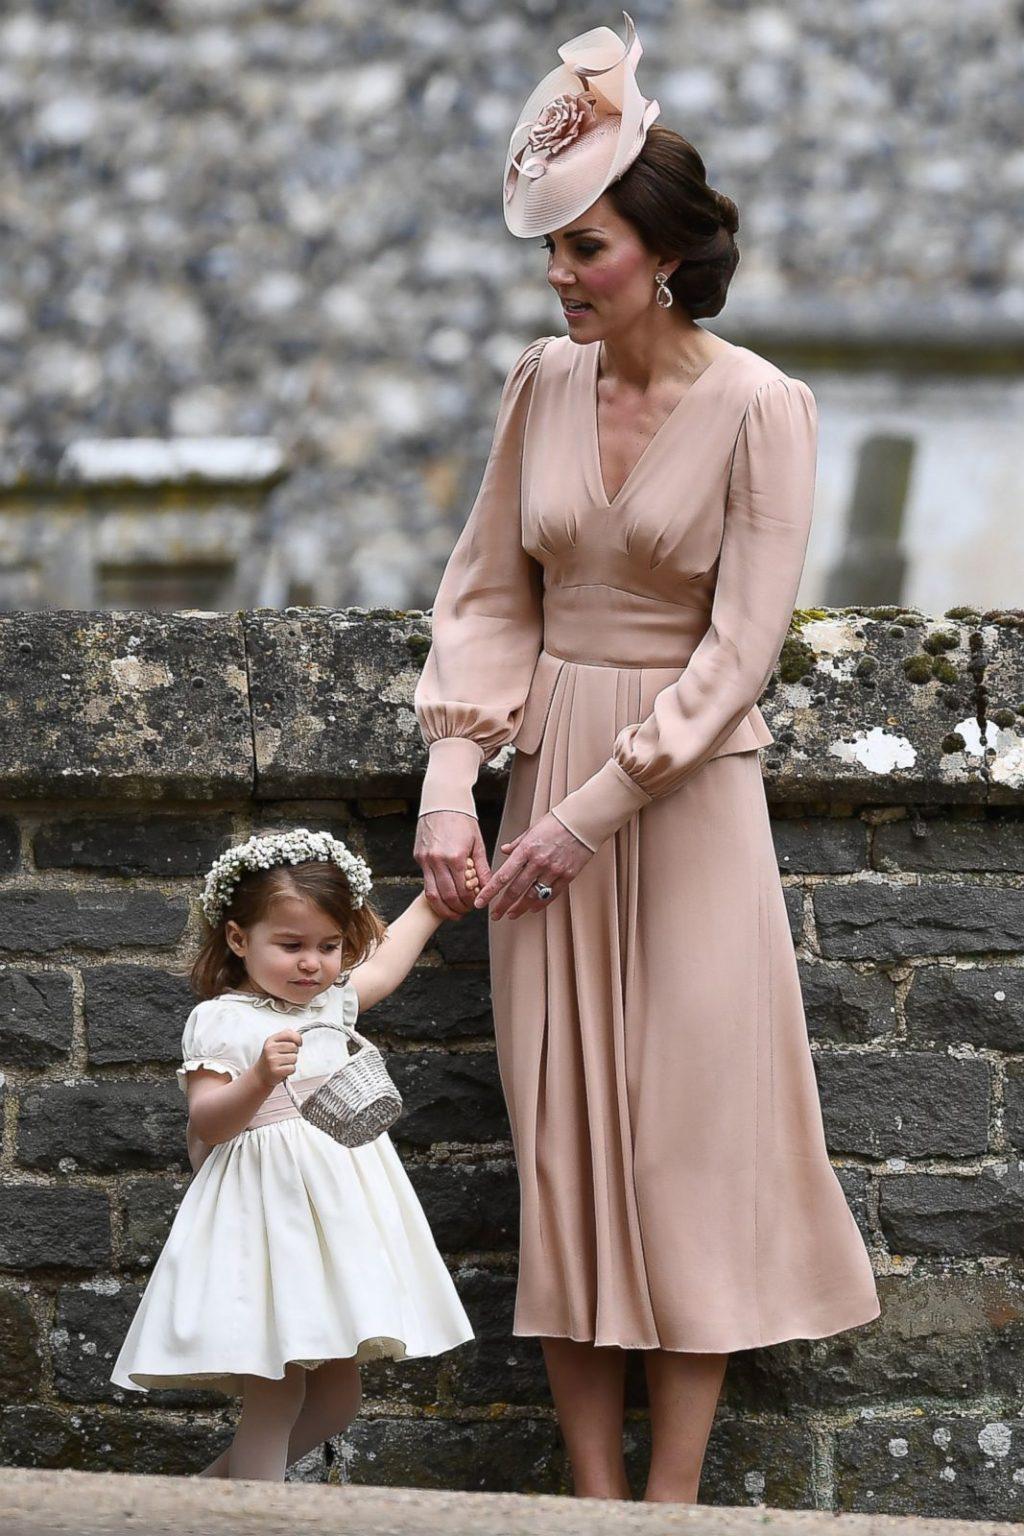 Toàn cảnh hôn lễ của em gái Công nương Middleton - 16